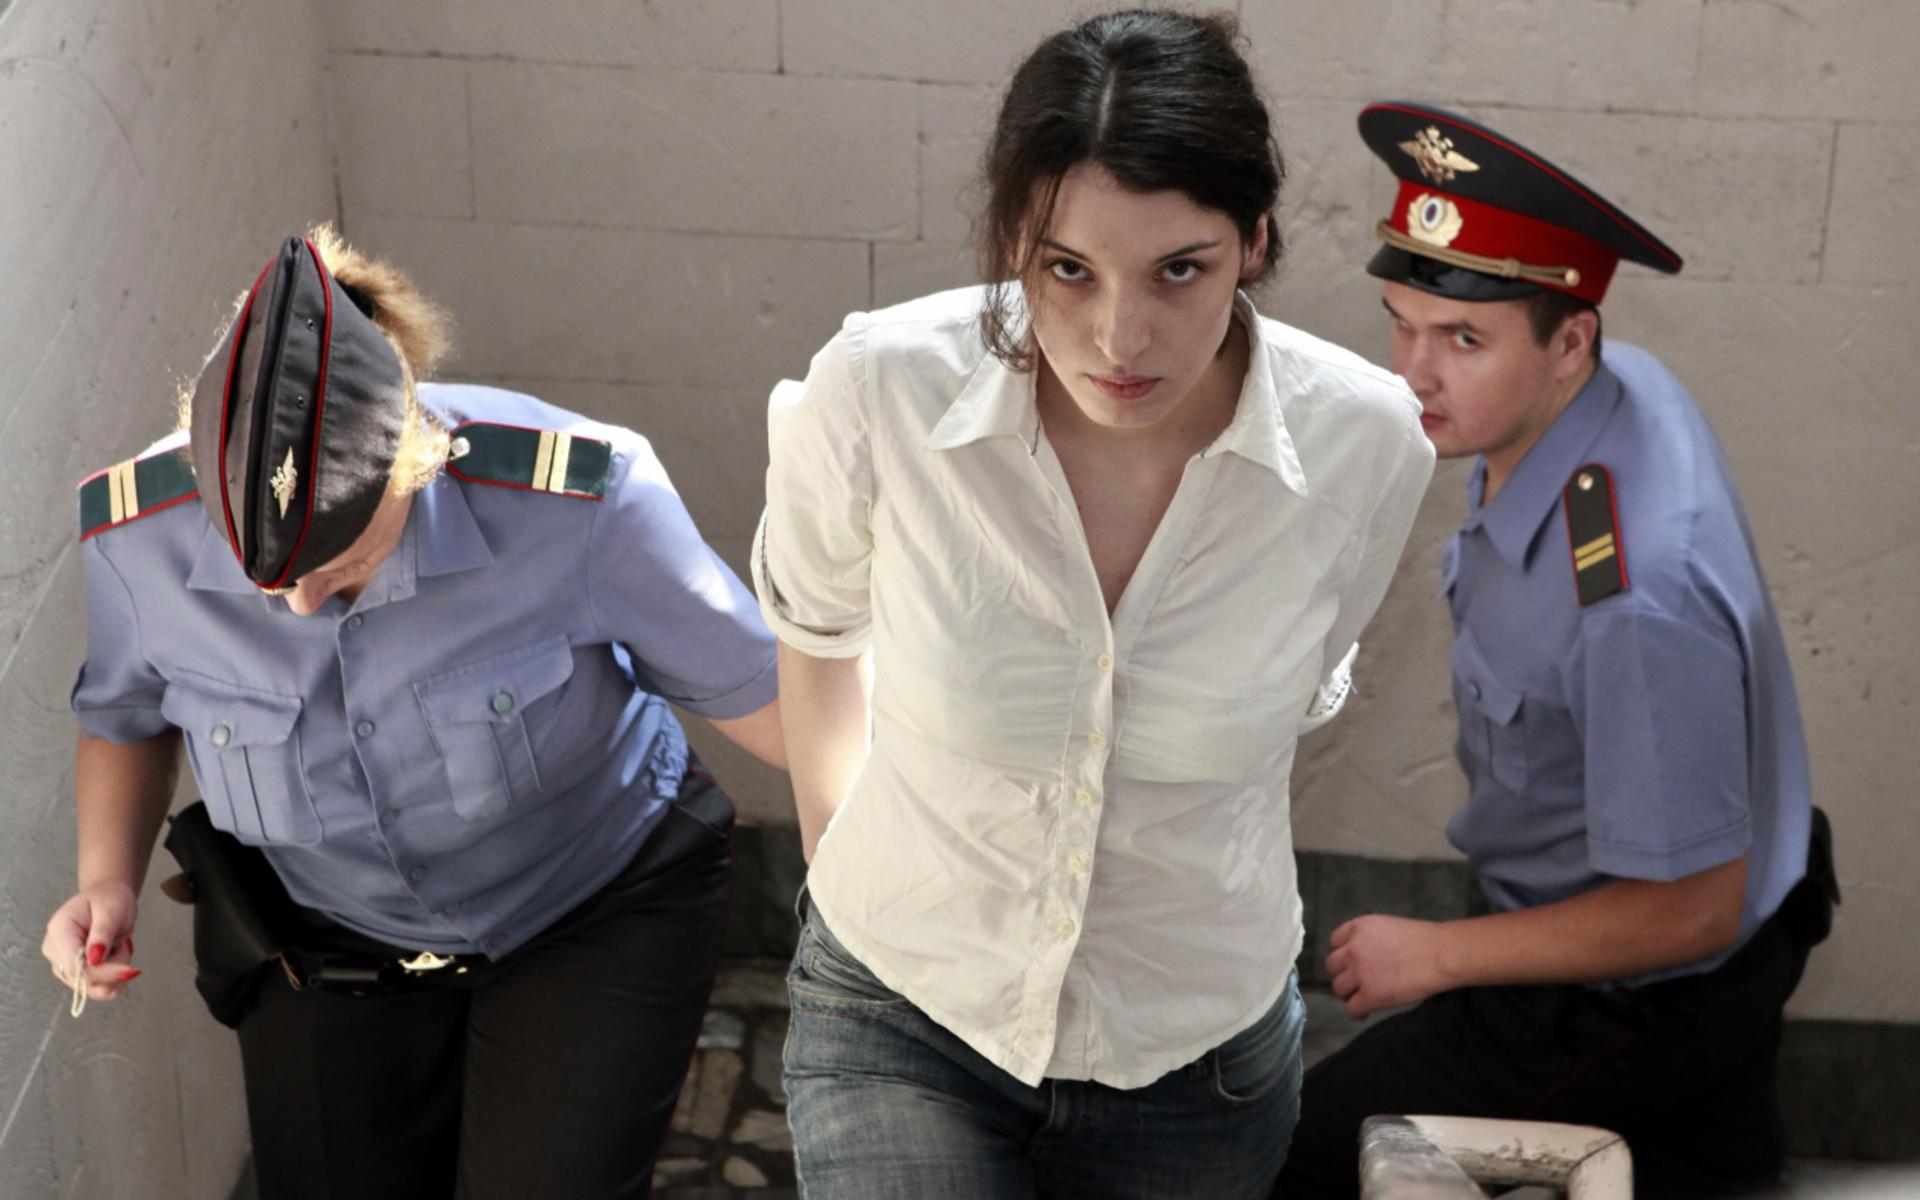 разлеглась девушка обыск тюрьма начала сползать